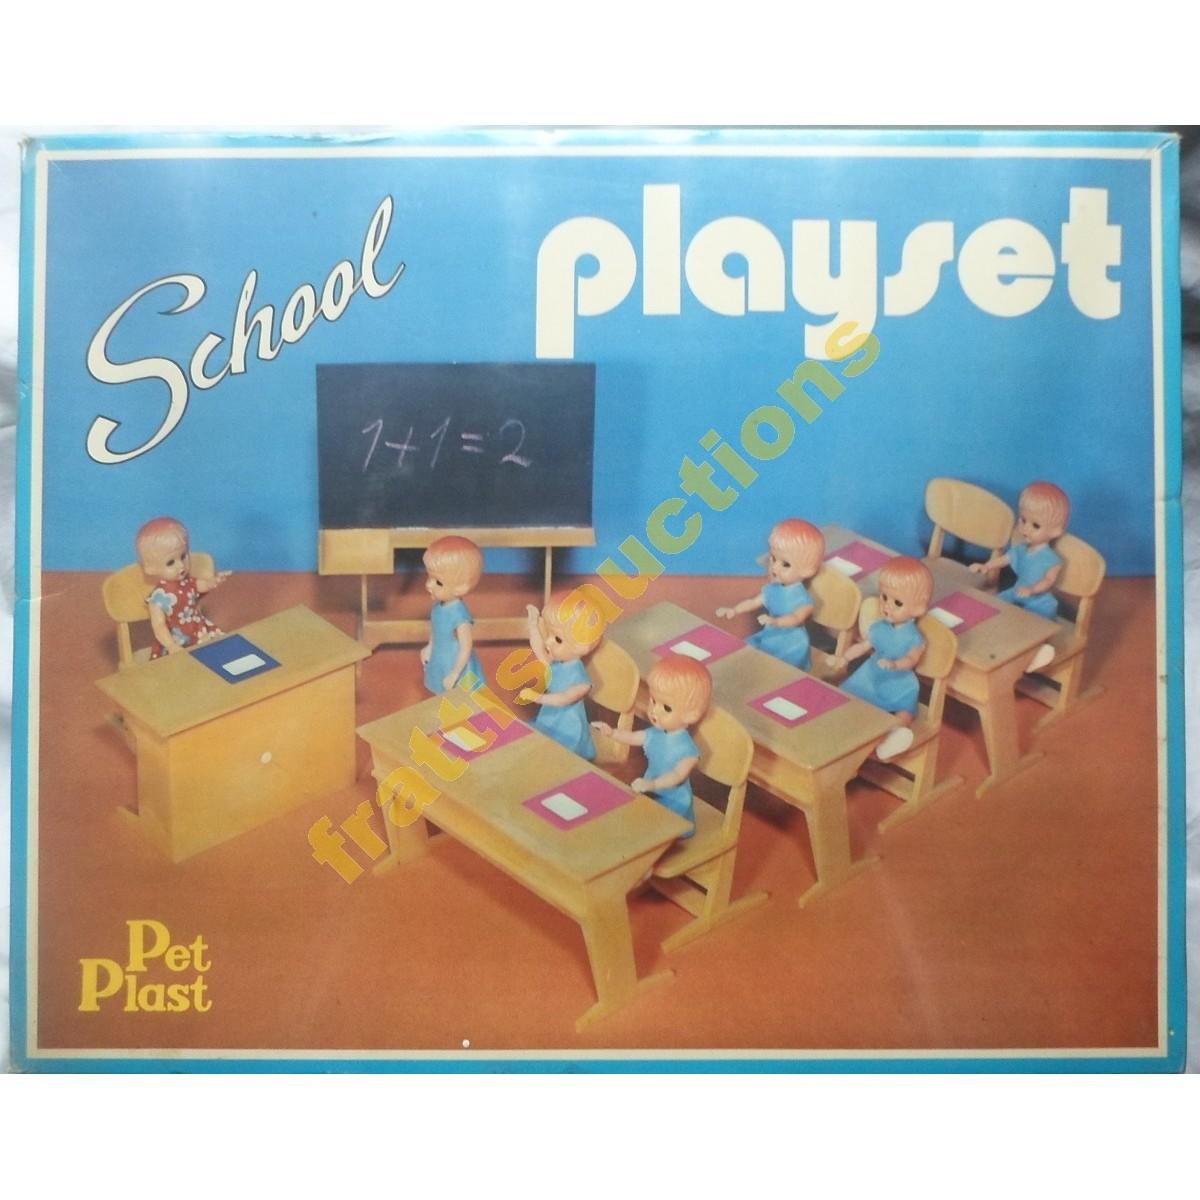 School Play Set, σκληρό πλαστικό παιγνίδι 1970΄ς σφραγισμένο.